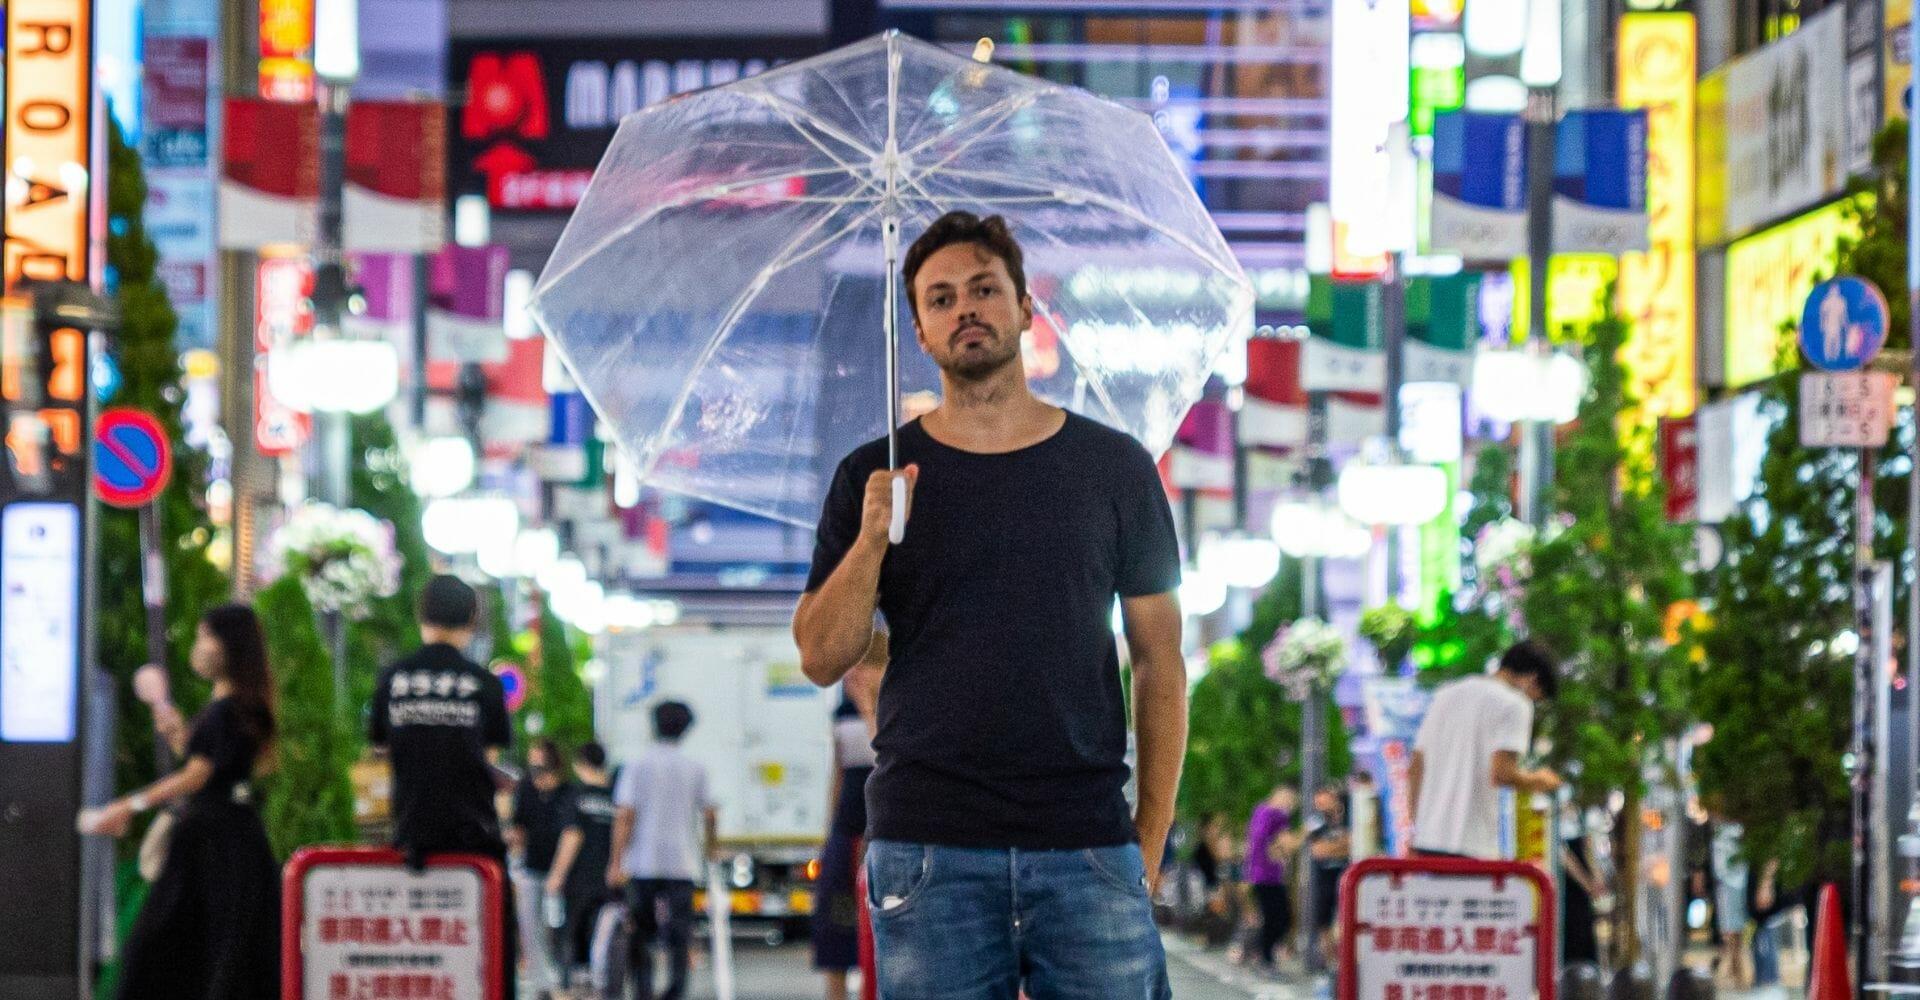 Anche l'Italia si sta appassionando ai manga: lo racconta uno scrittore che vive in Giappone